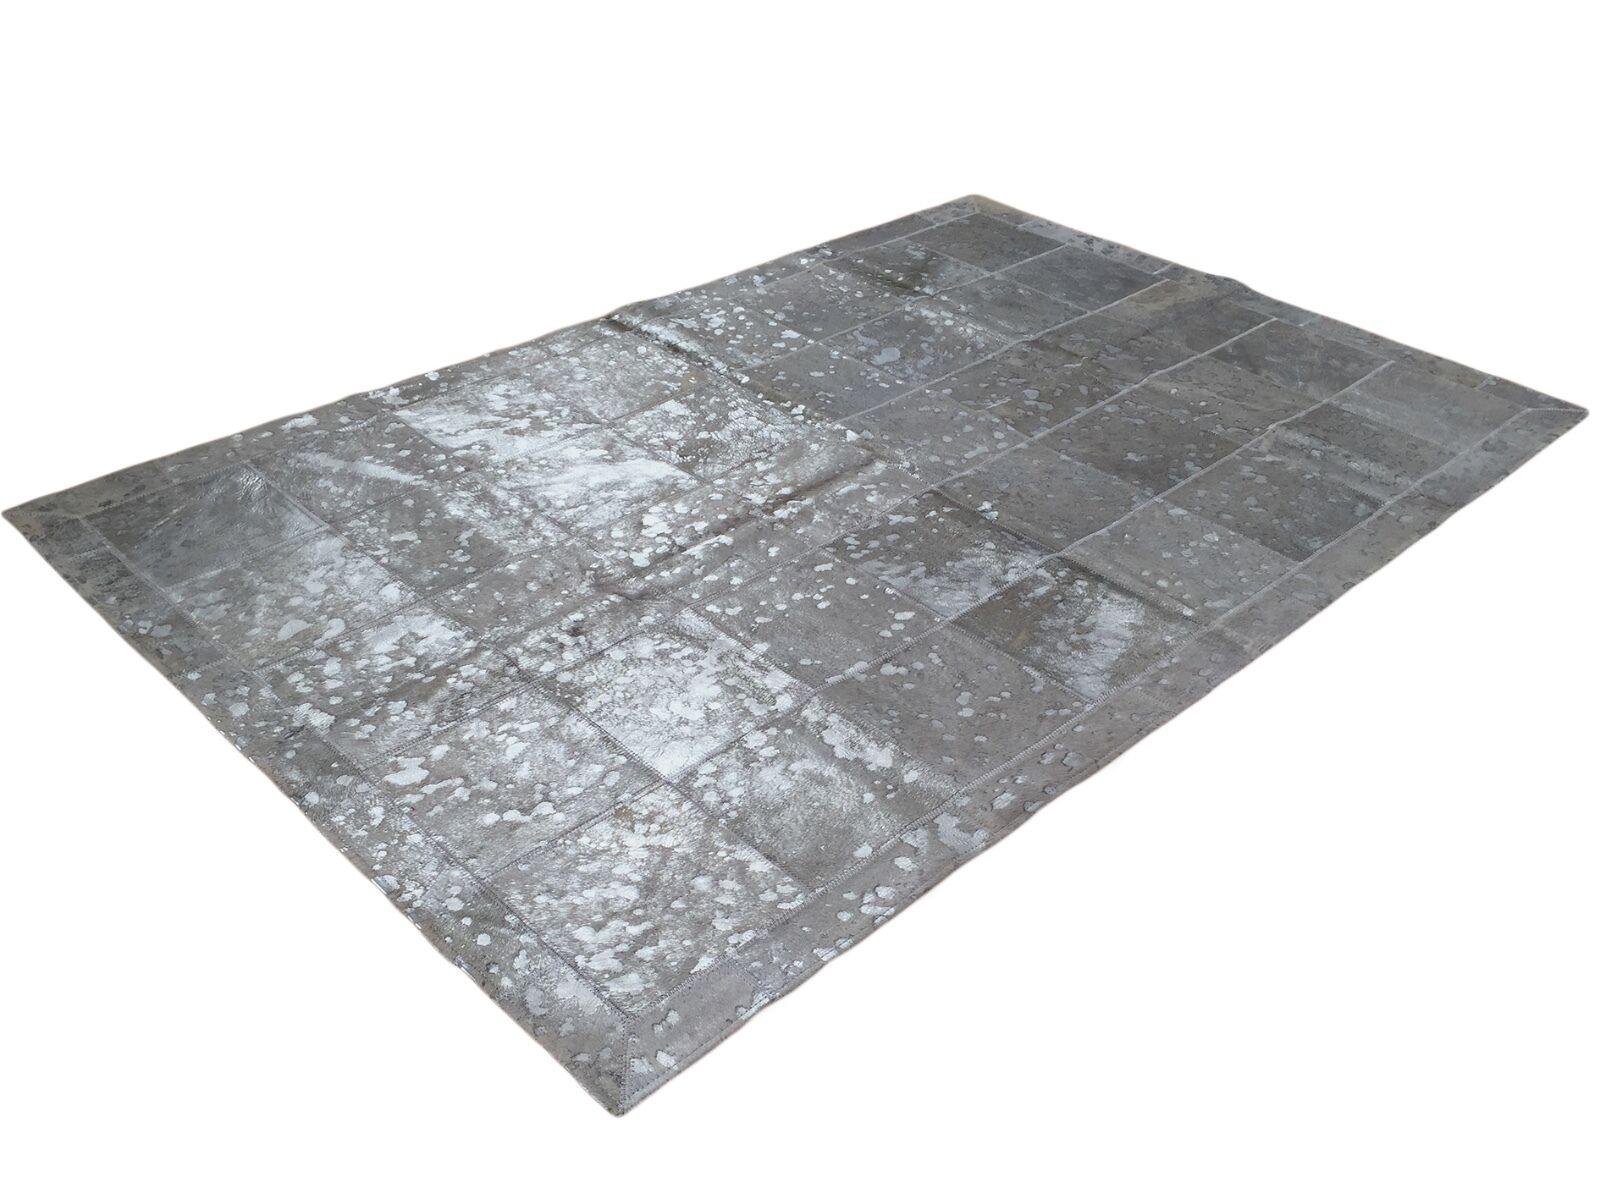 Patchwork Teppich aus gefärbtem Kuhfell   Cowhide  - 130 cm x 160 cm, RUG, NEU